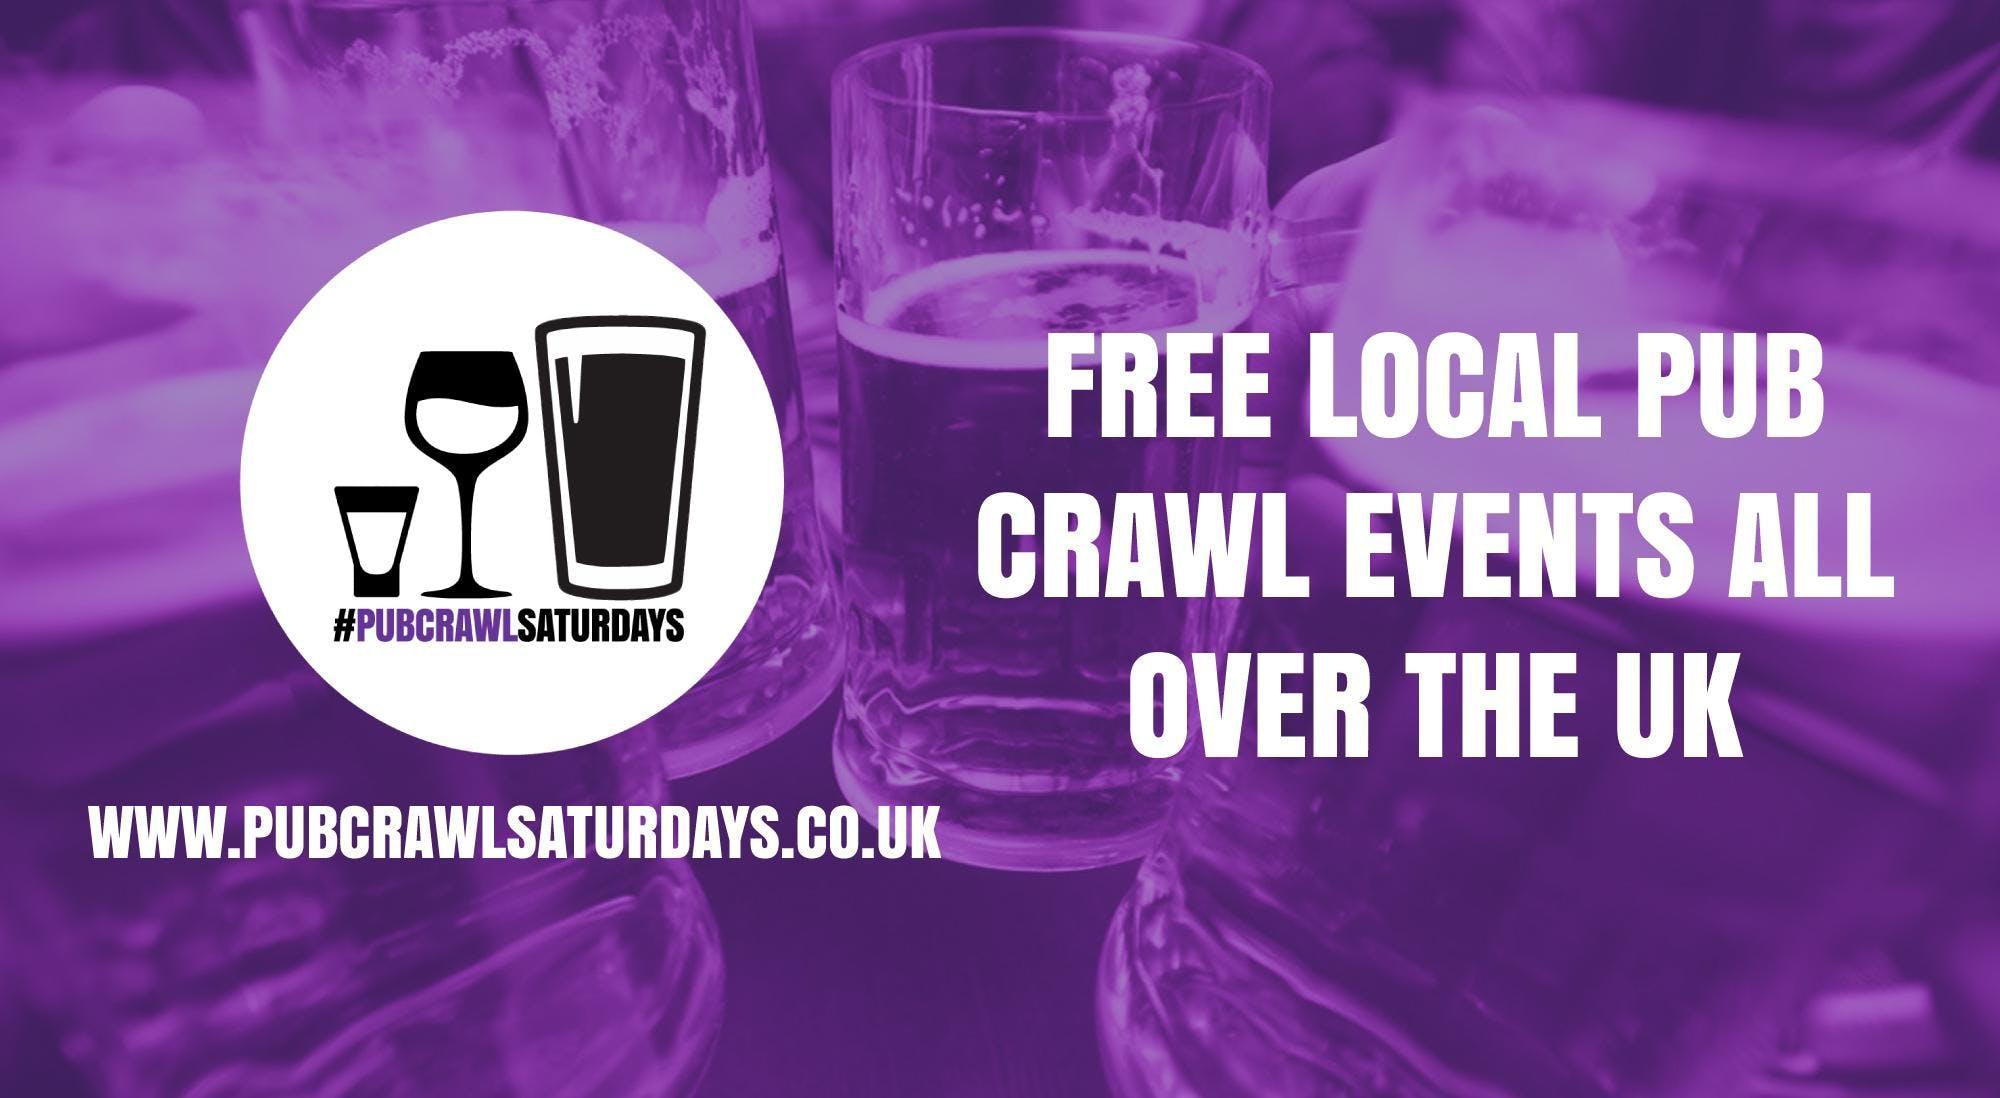 PUB CRAWL SATURDAYS! Free weekly pub crawl event in Sheffield